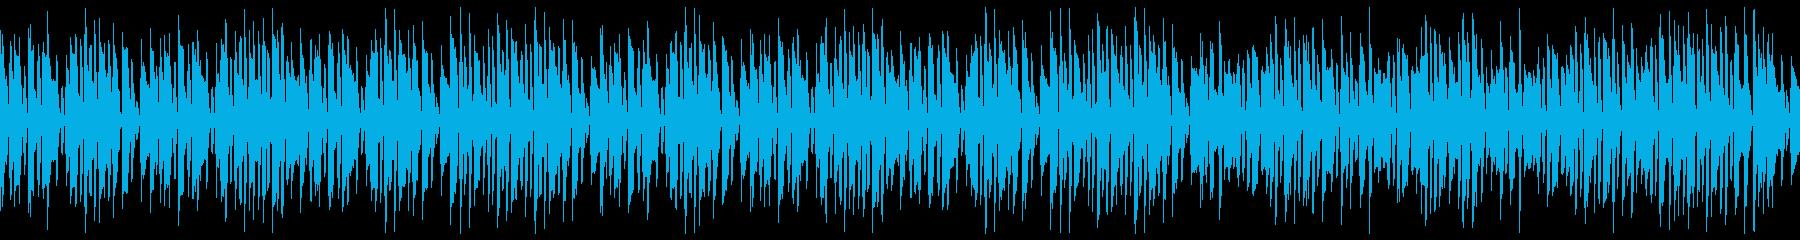 リコーダーで名曲エンターテイナー(ループの再生済みの波形